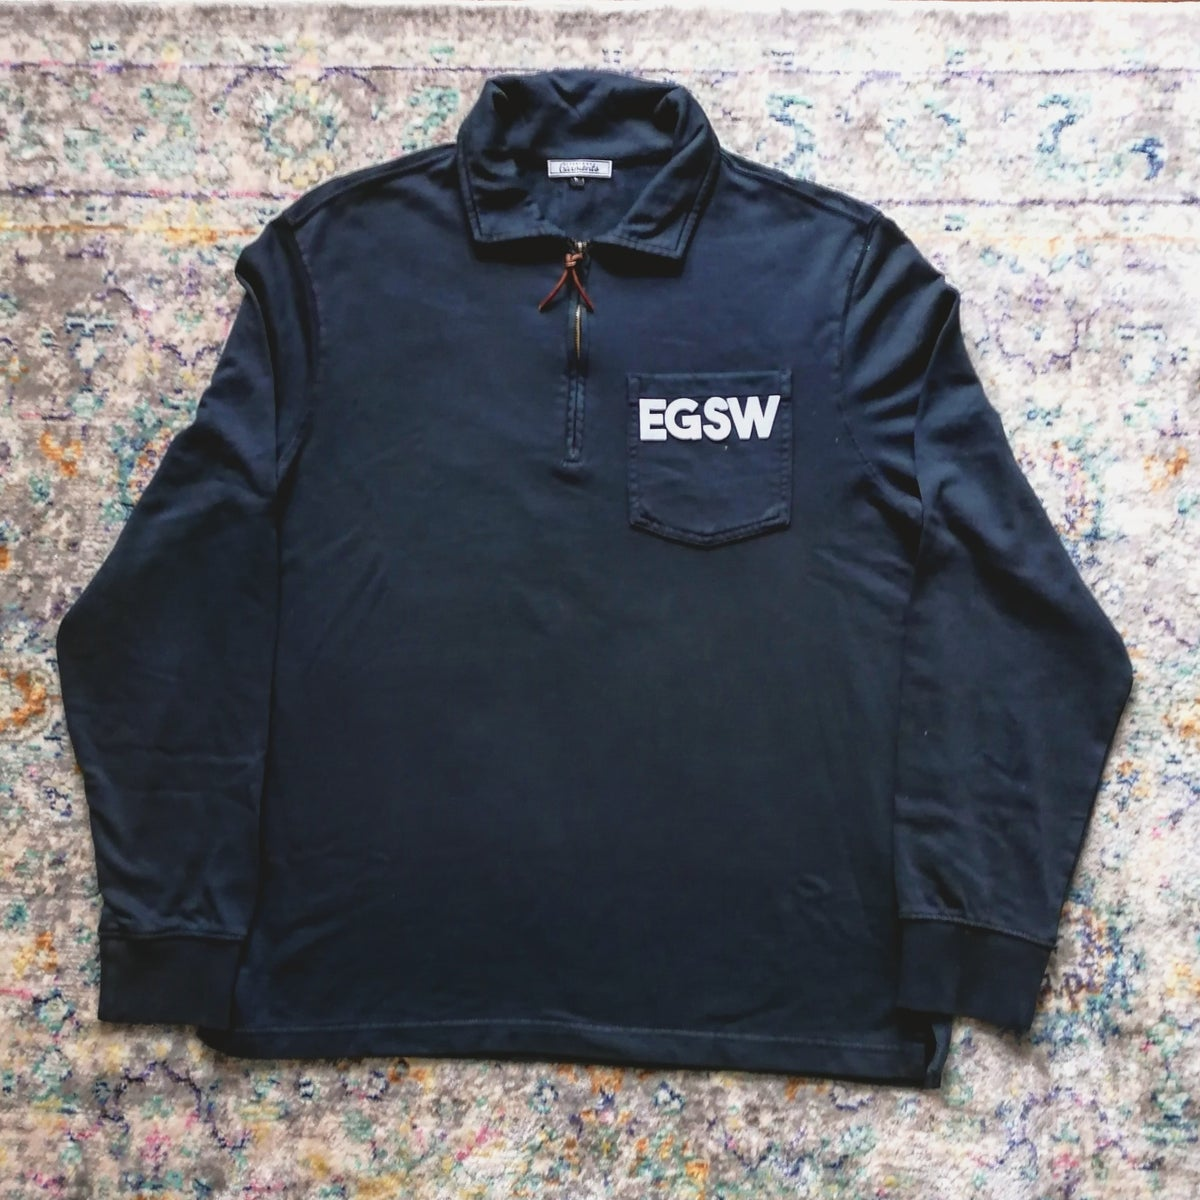 Image of EGSW ZIP SWEATERS